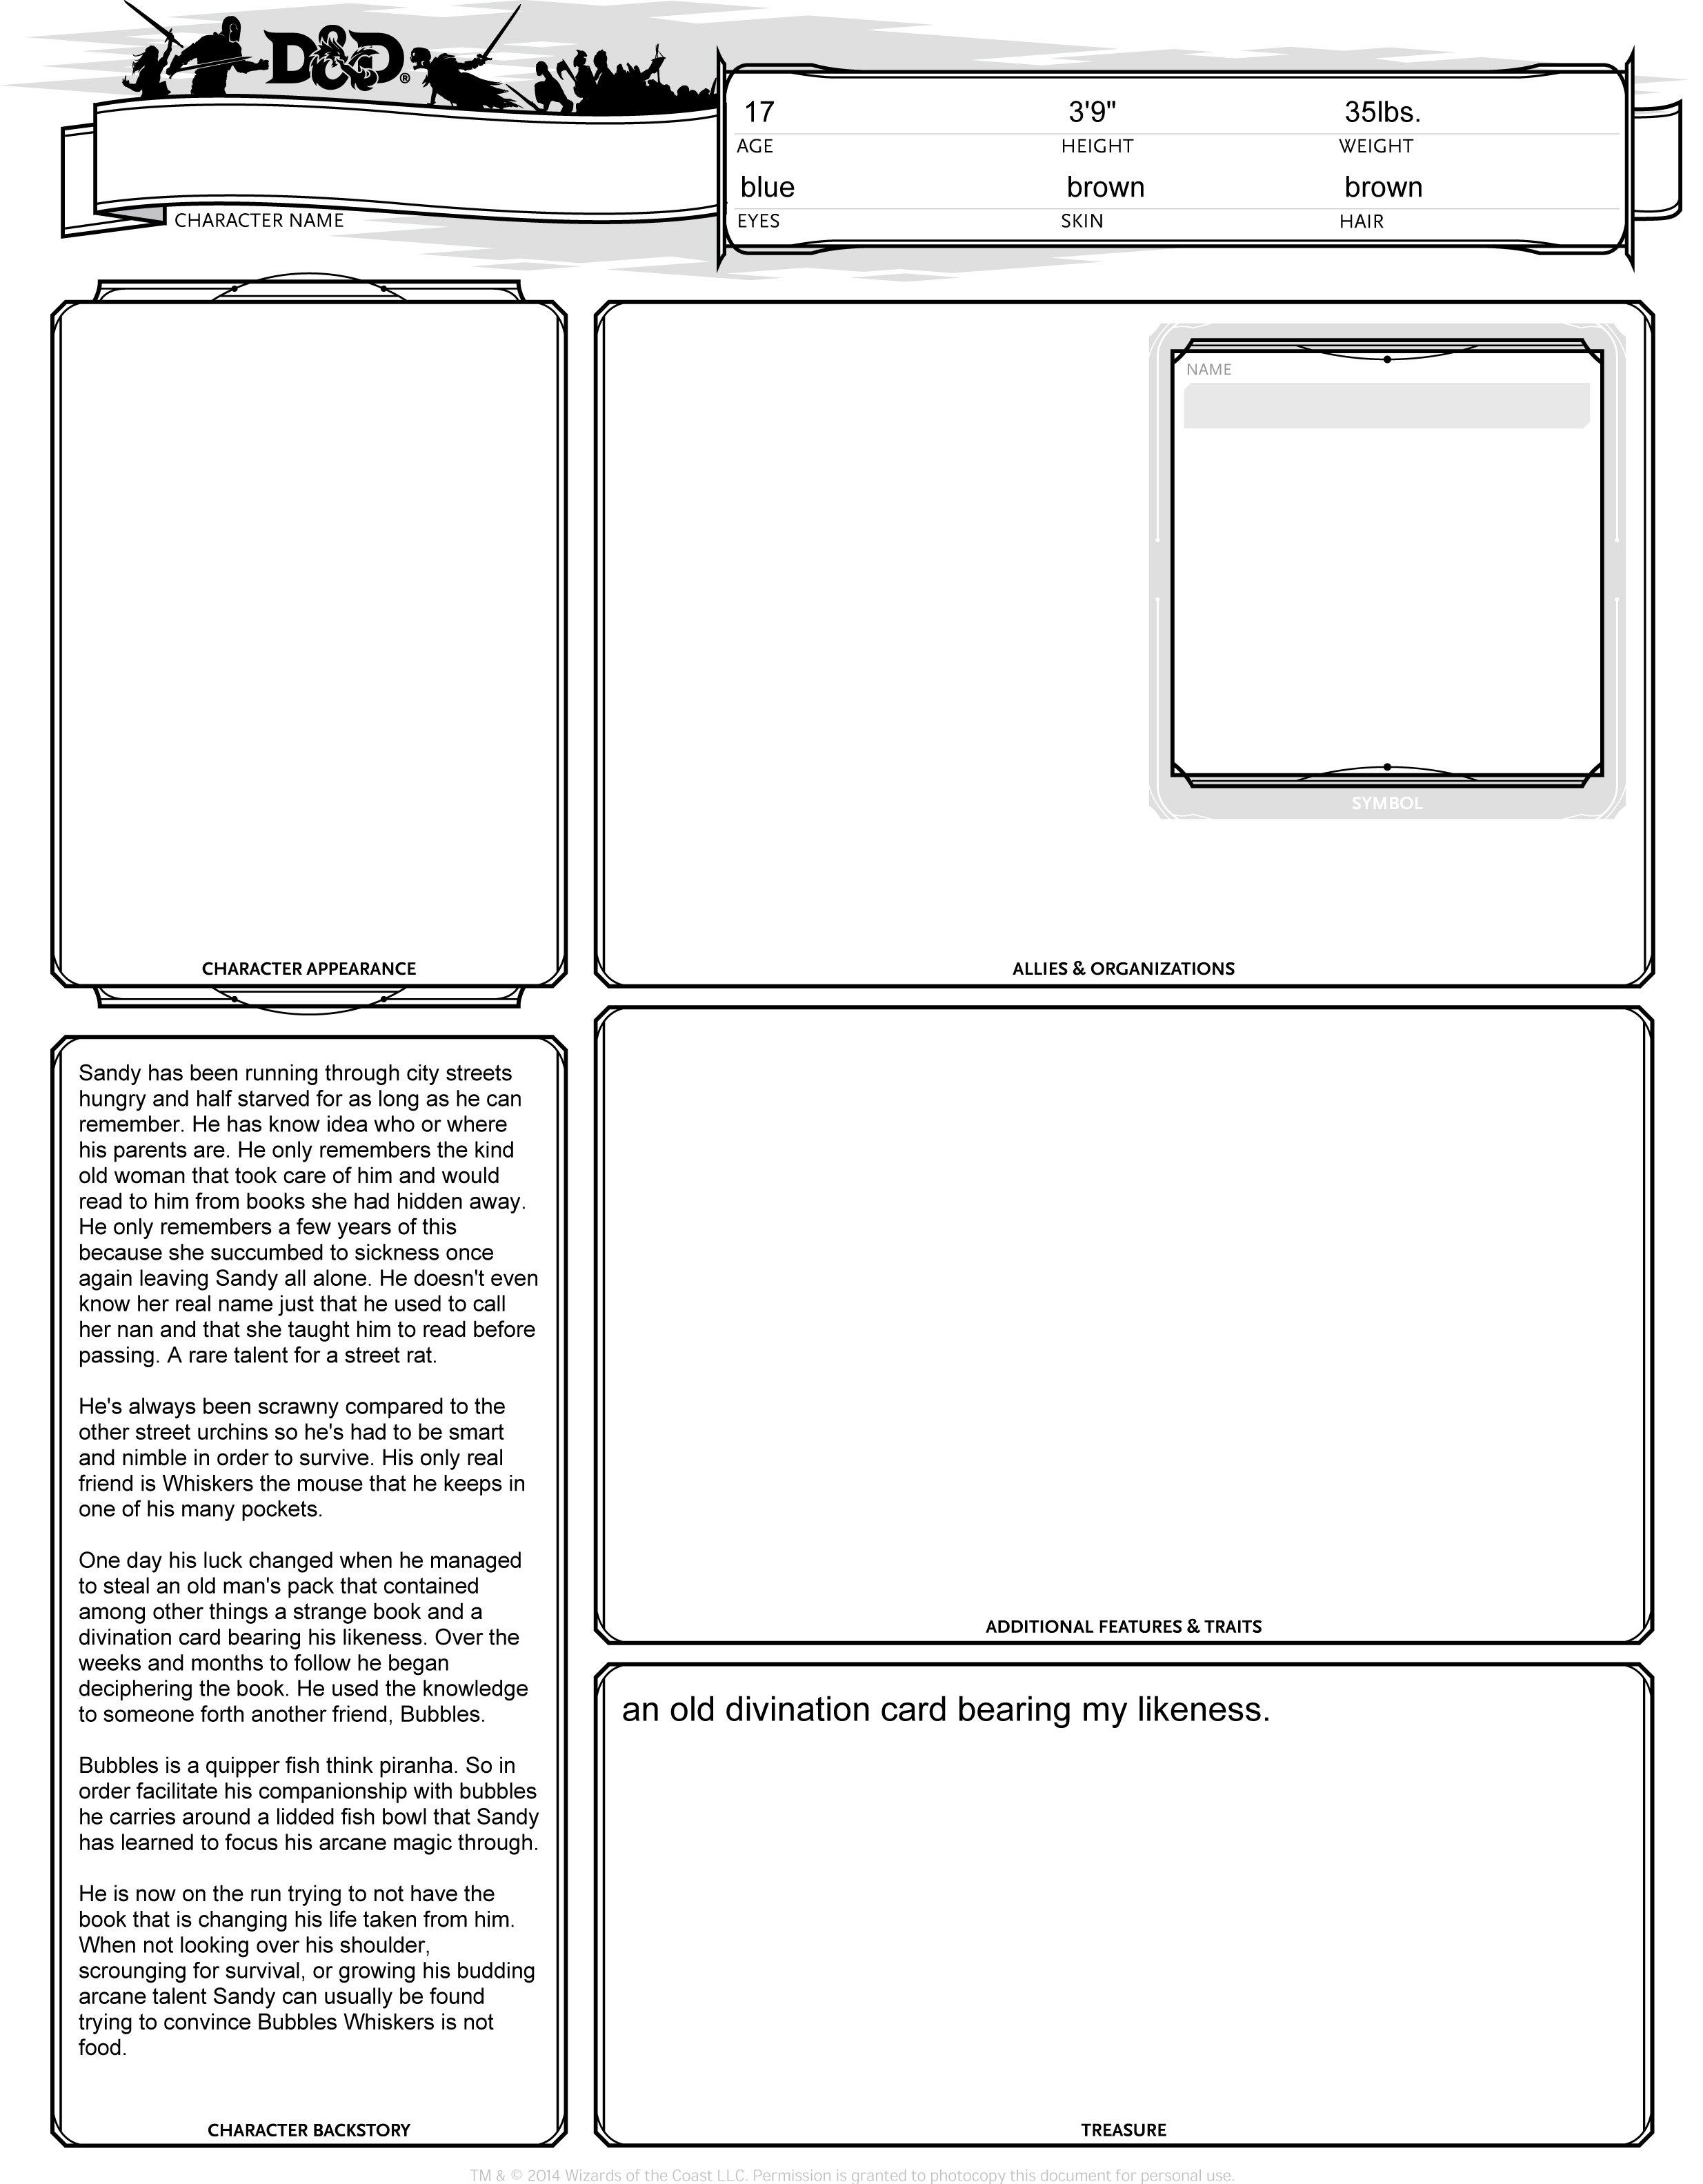 vistas 5th edition pdf download